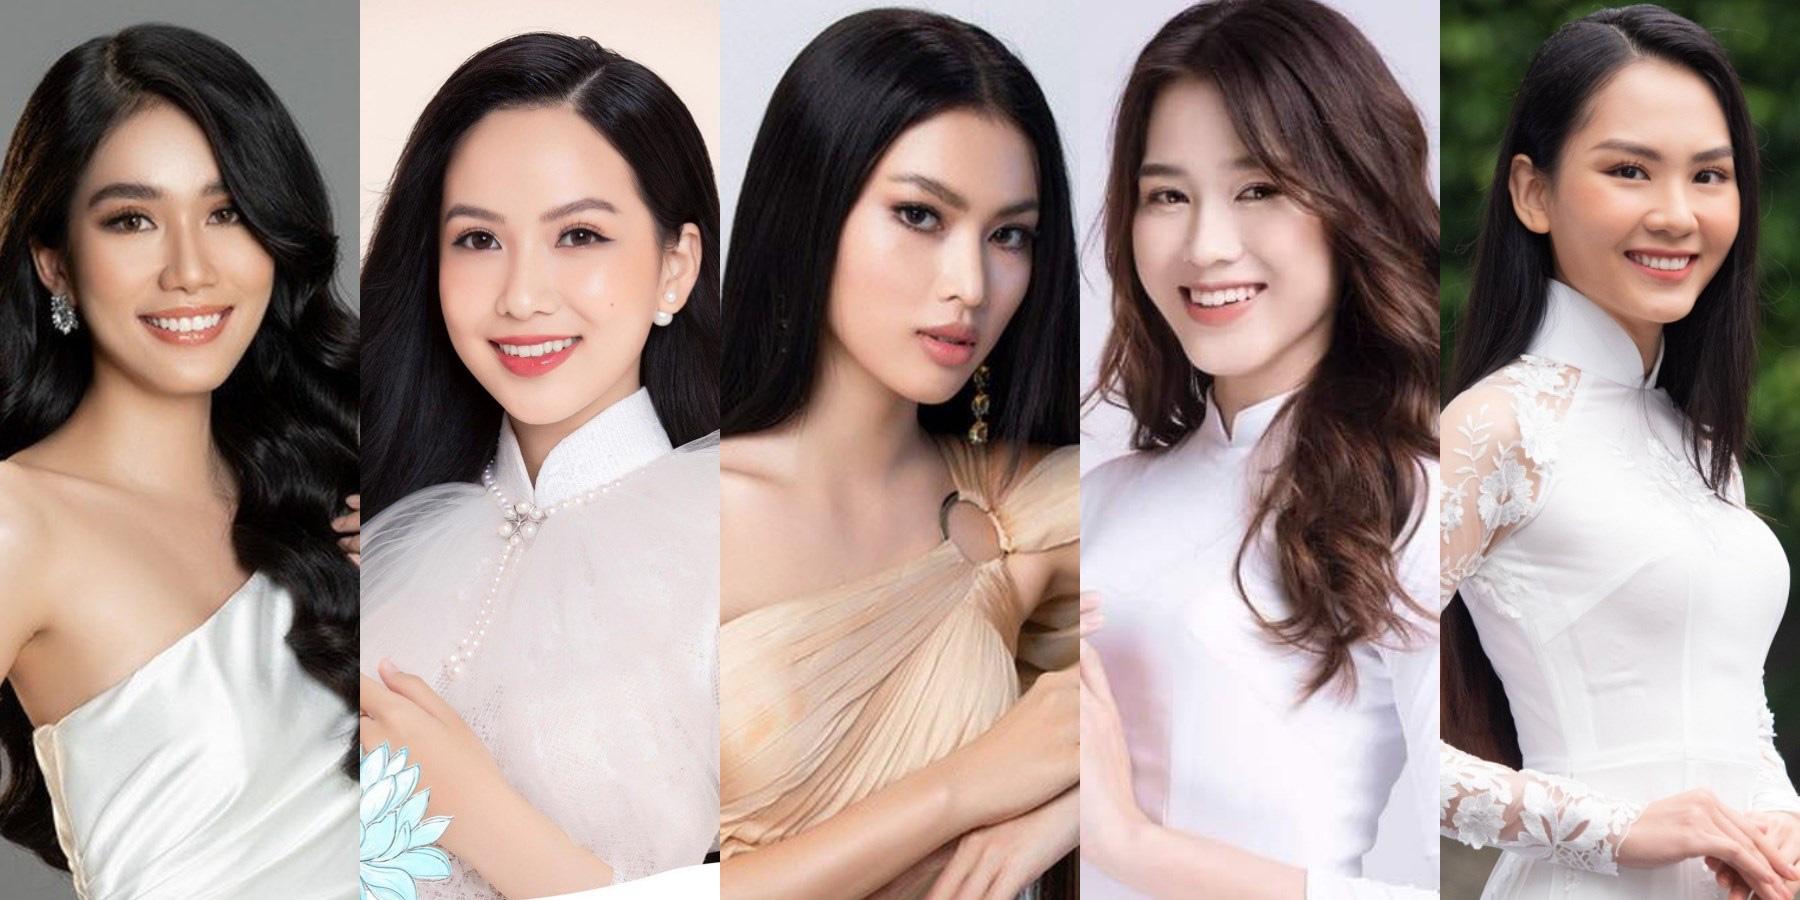 Hoa hậu Việt Nam 2020: Đỗ Thị Hà đoạt vương miện Một thập kỷ nhan sắc - Ảnh 4.